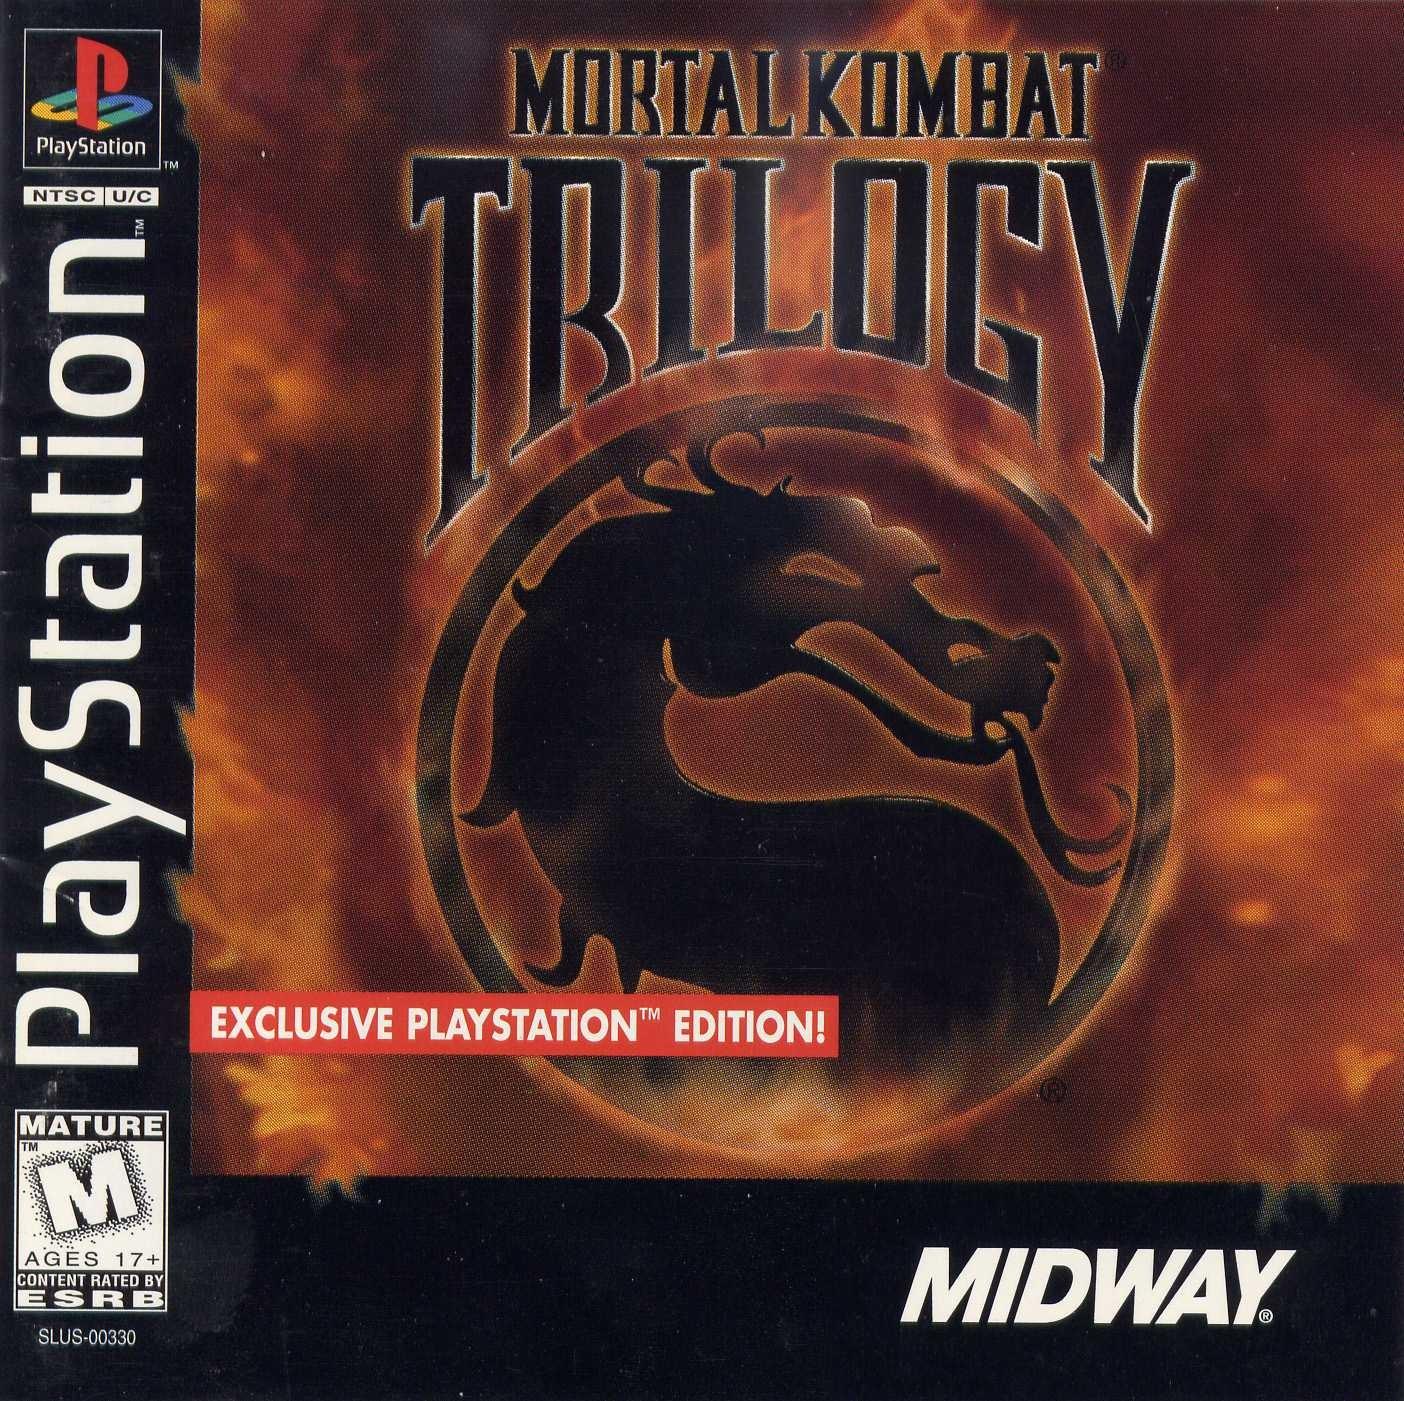 Mortal Kombat Trilogy [SLUS-00330]